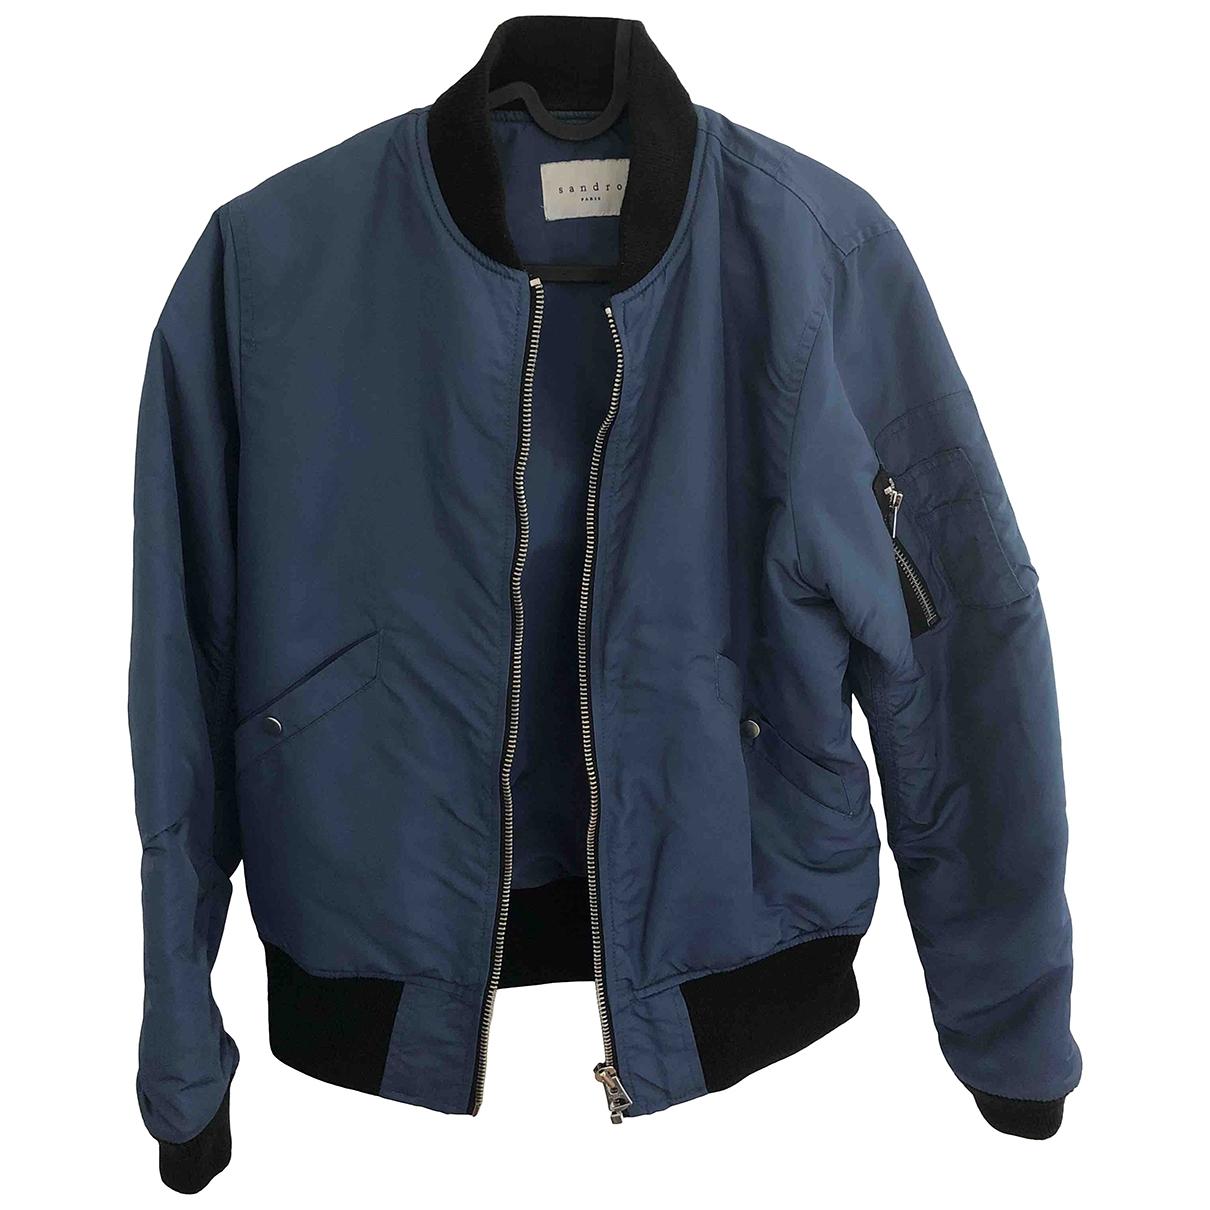 Sandro \N Blue jacket  for Men XS International